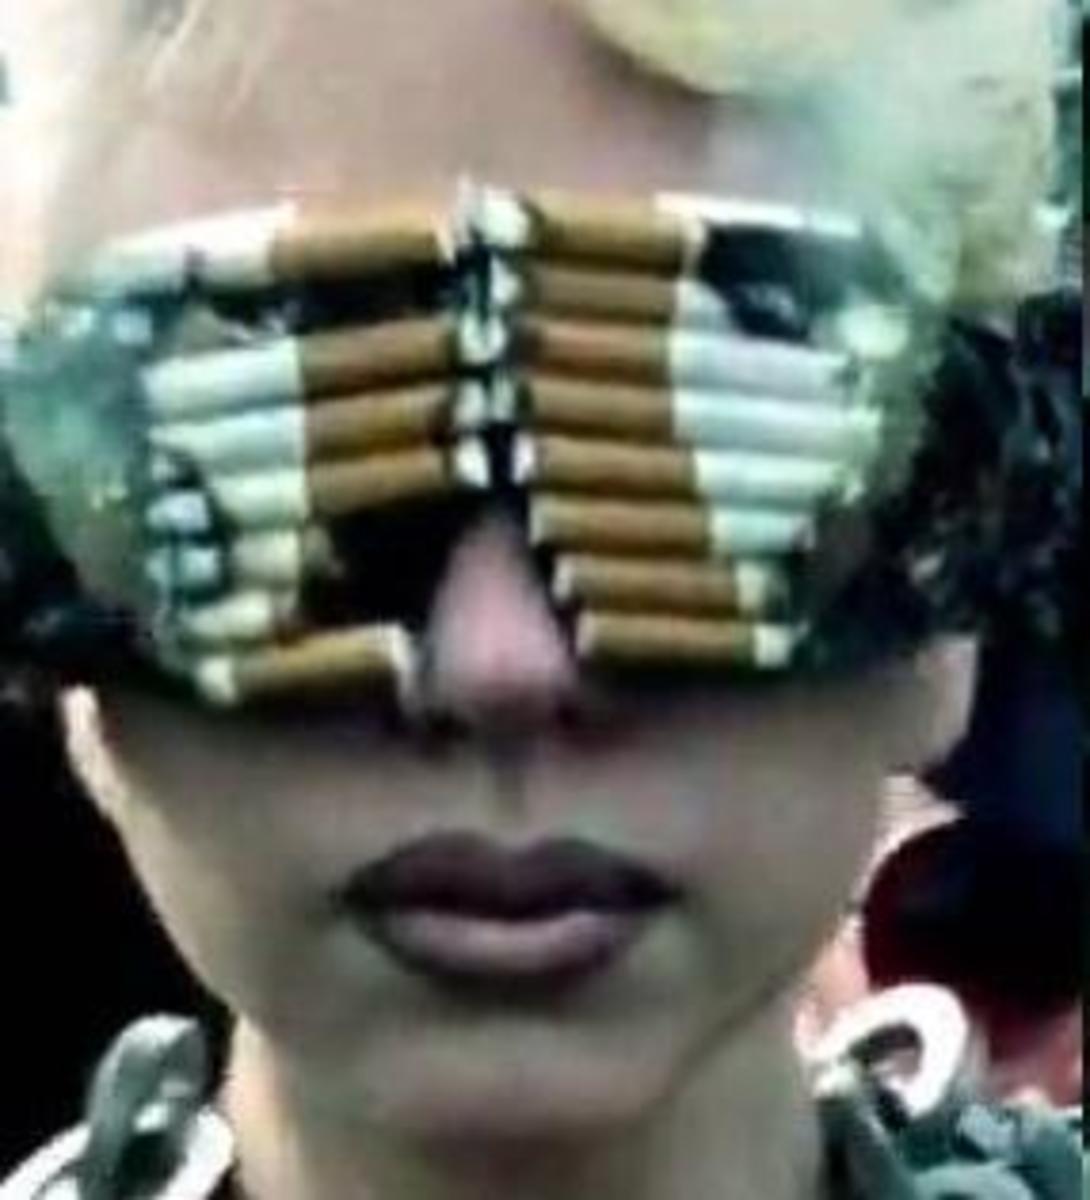 Smoking shades